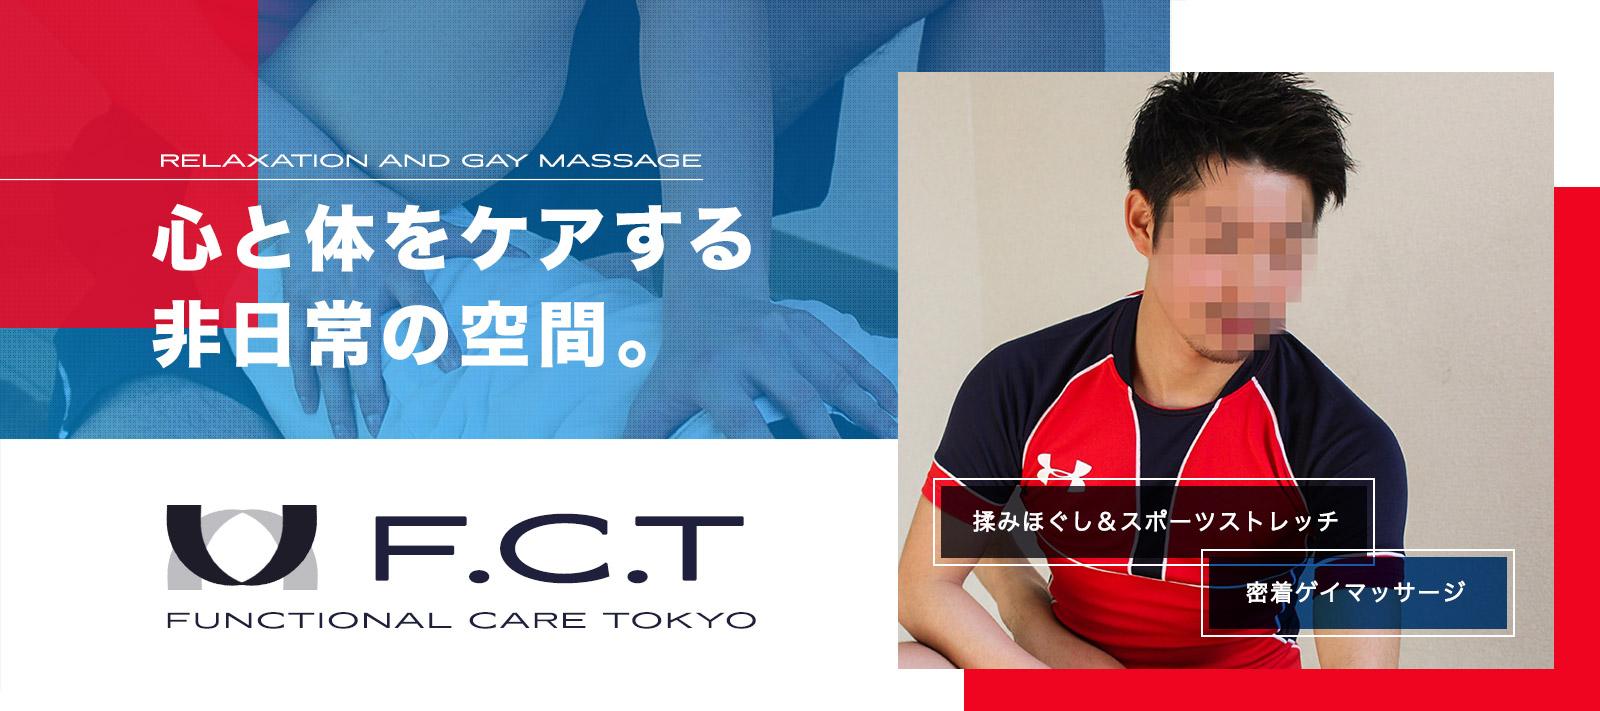 東京ゲイマッサージ専門店FUNCTIONALCARETOKYOはこちら